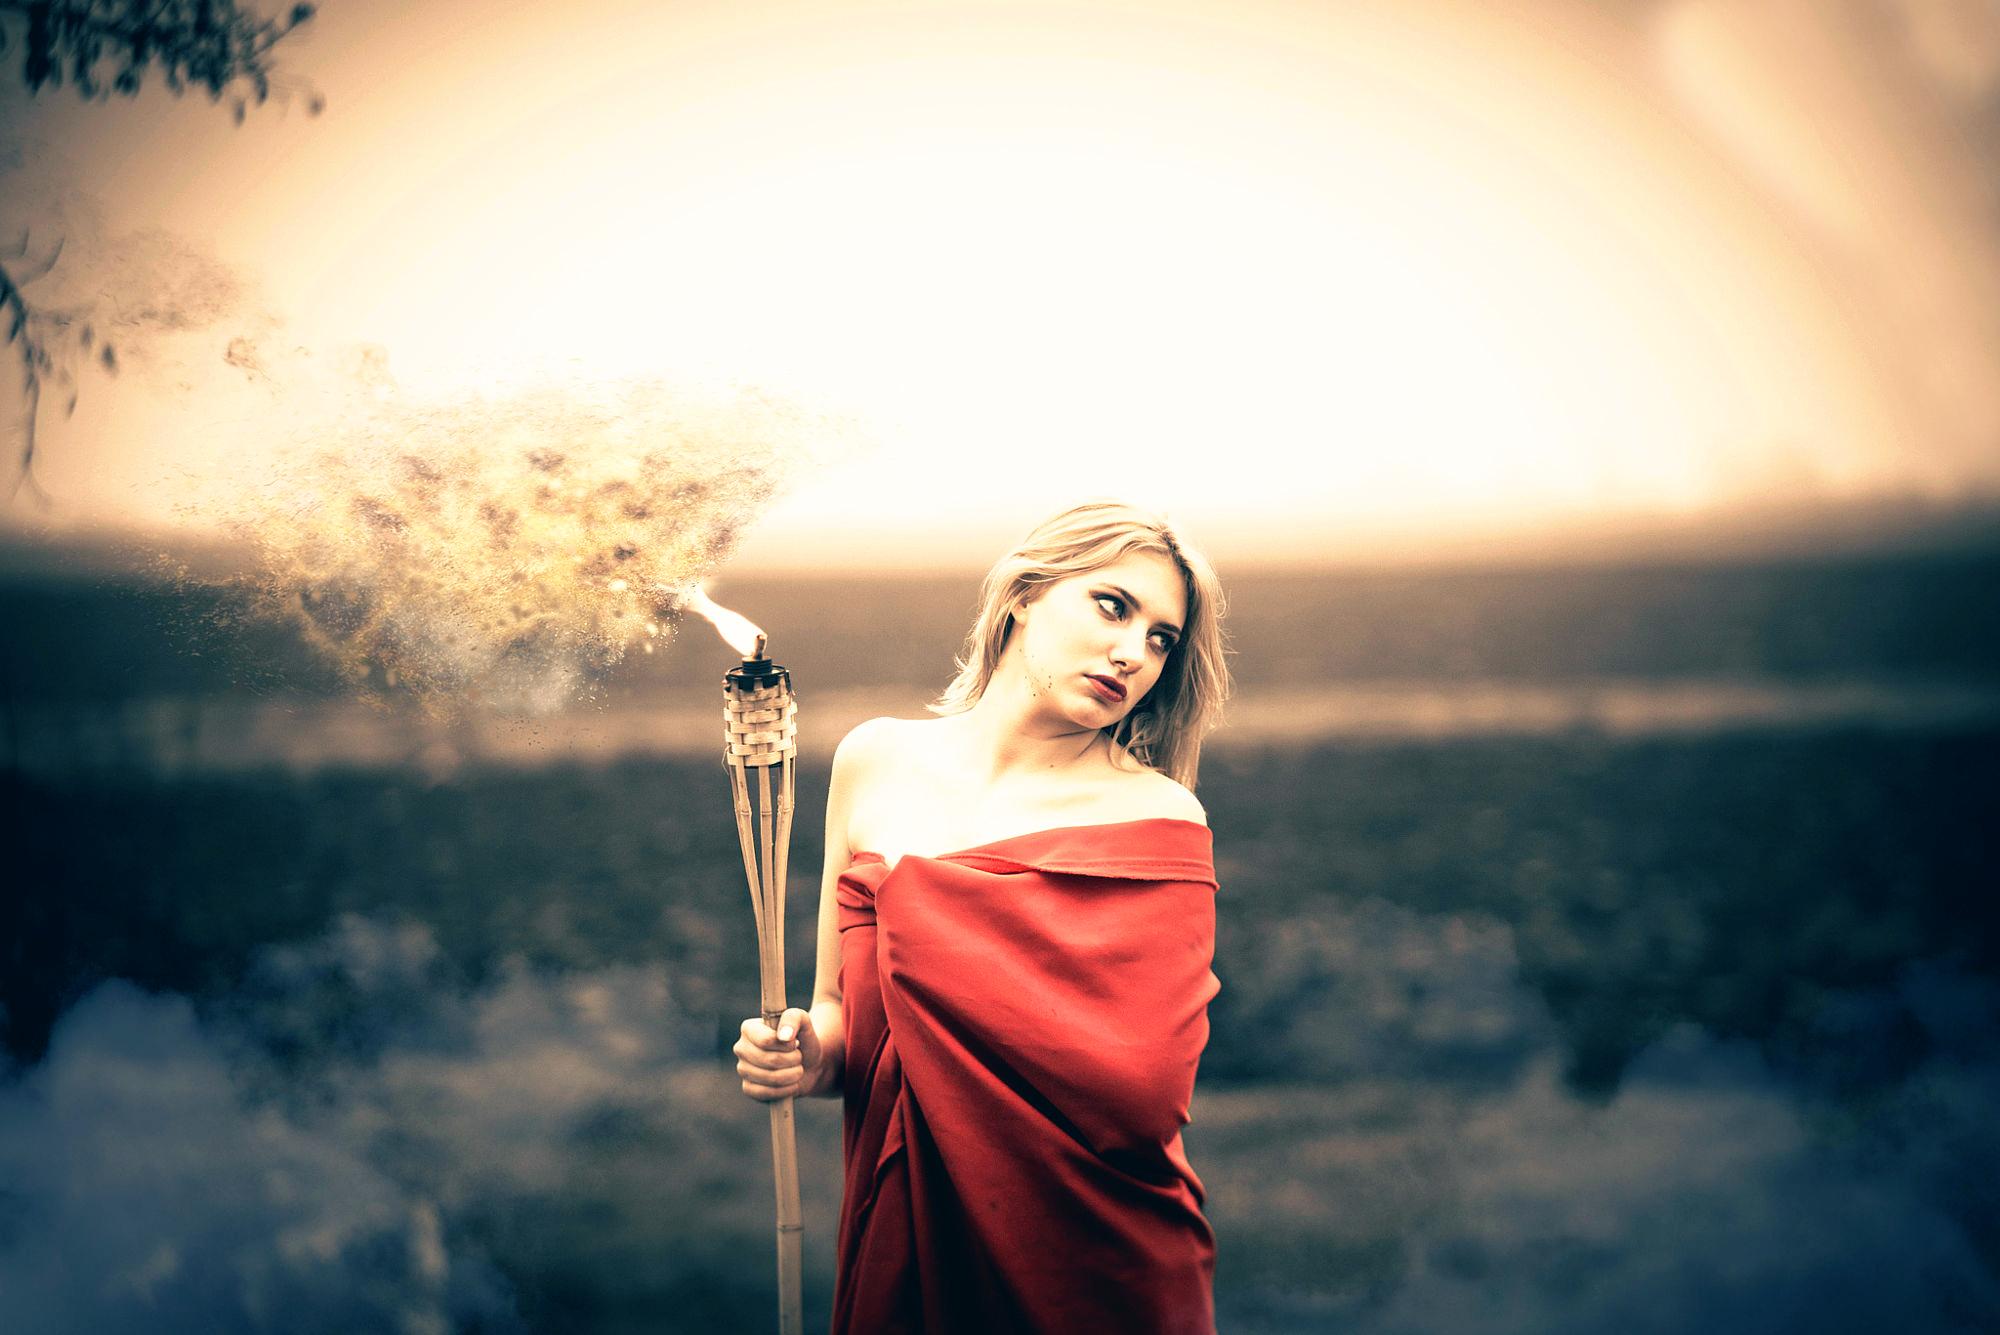 Картинки девушка и факел